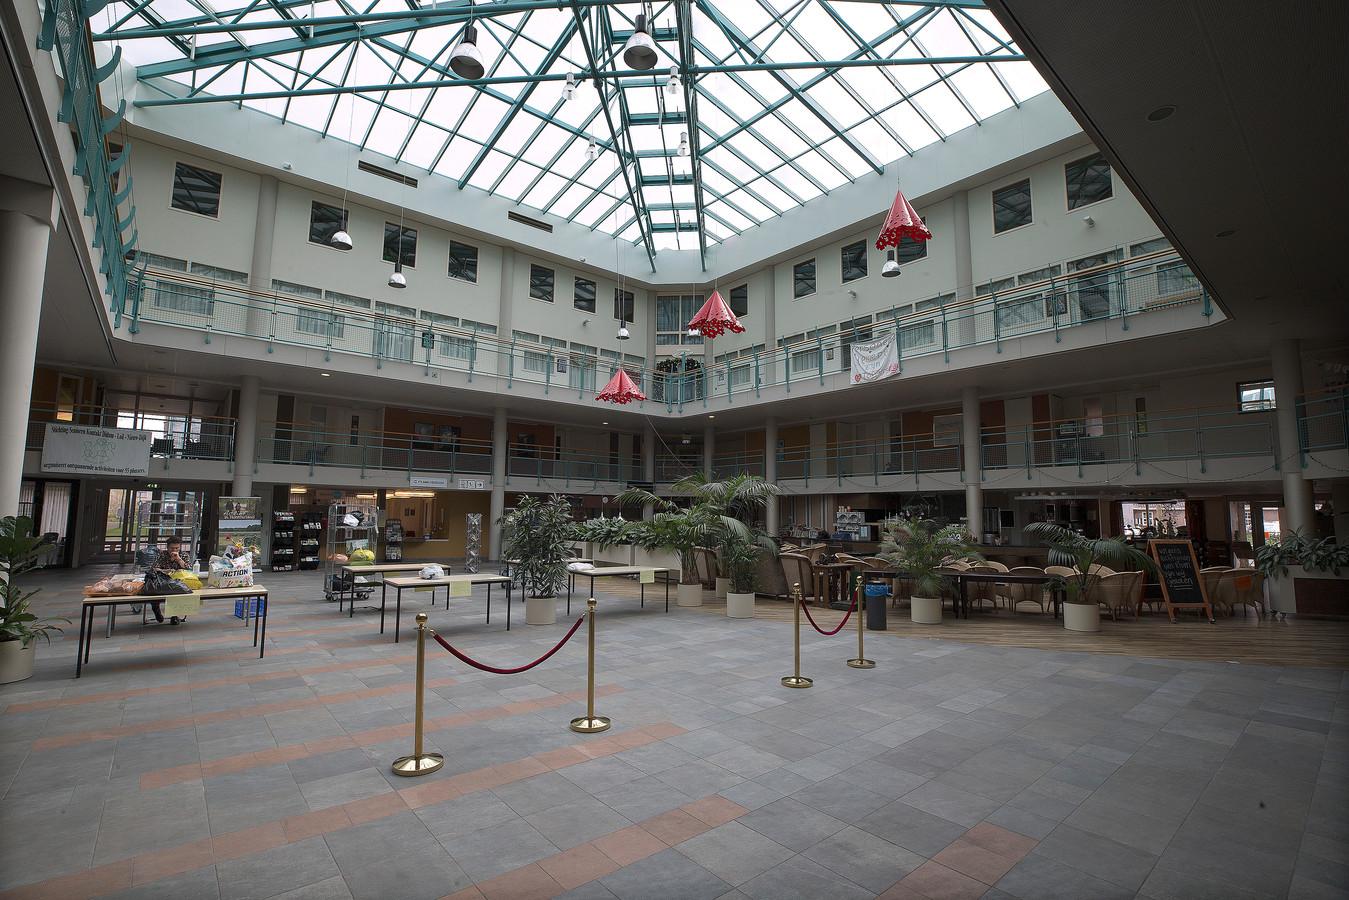 Het atrium in Meulenvelden, de plek waar de bibliotheek zou moeten komen.